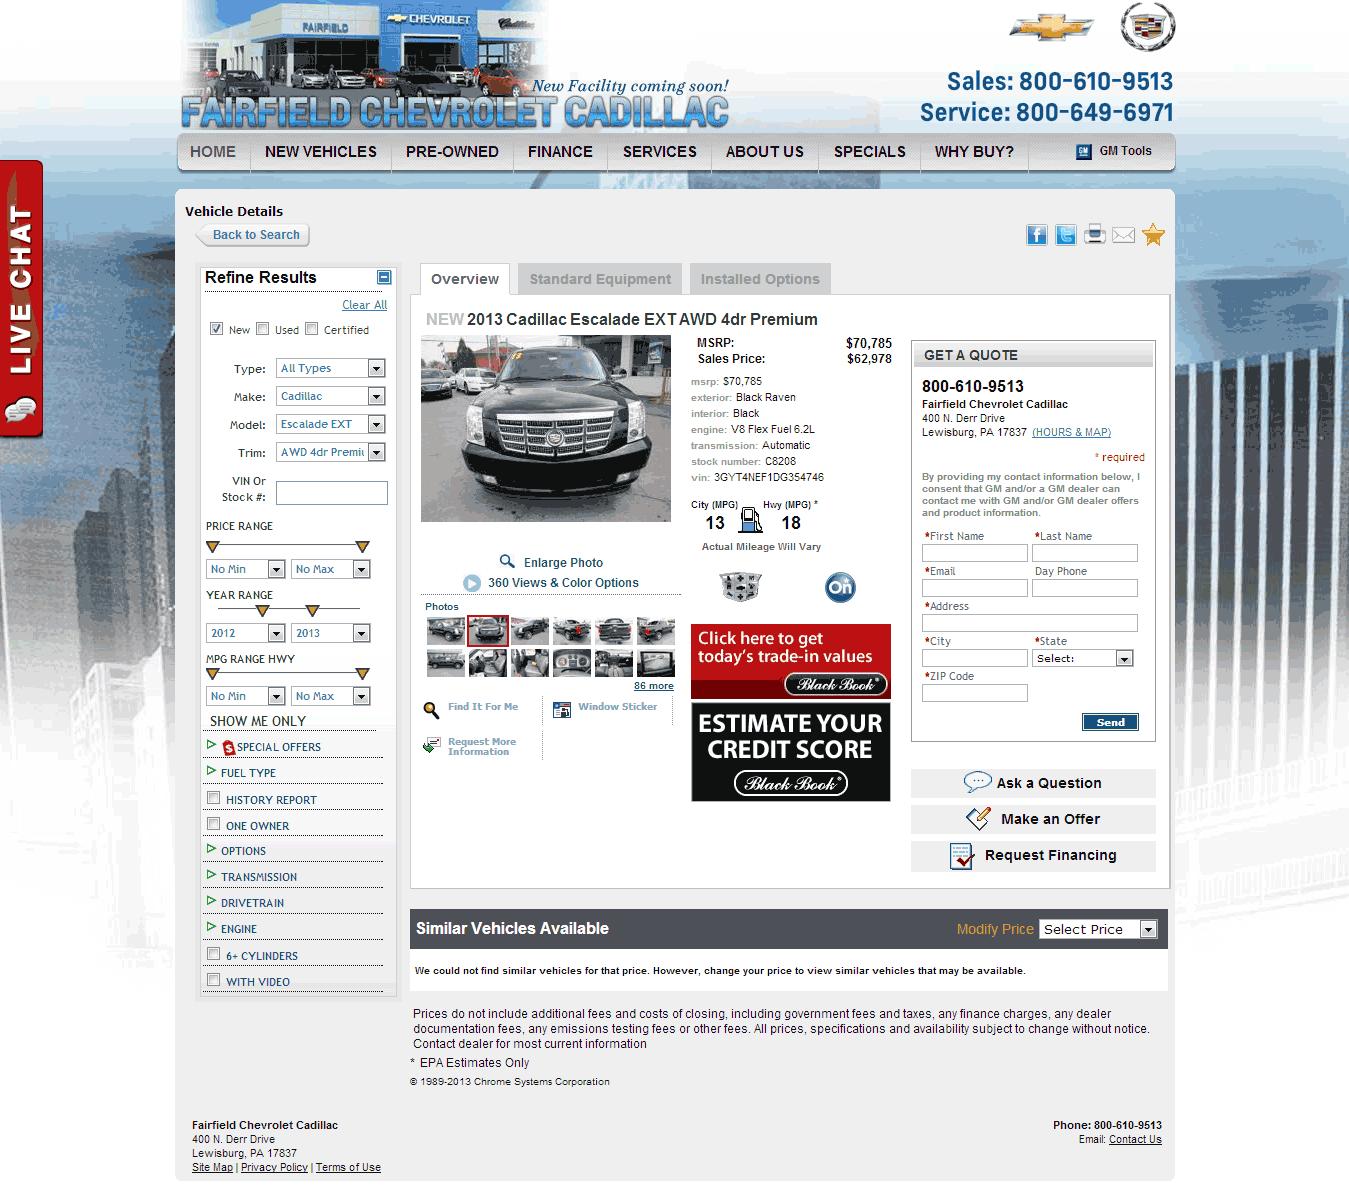 Cadillac 2013 Price: 2013 Cadillac Escalade EXT Real Dealer Prices